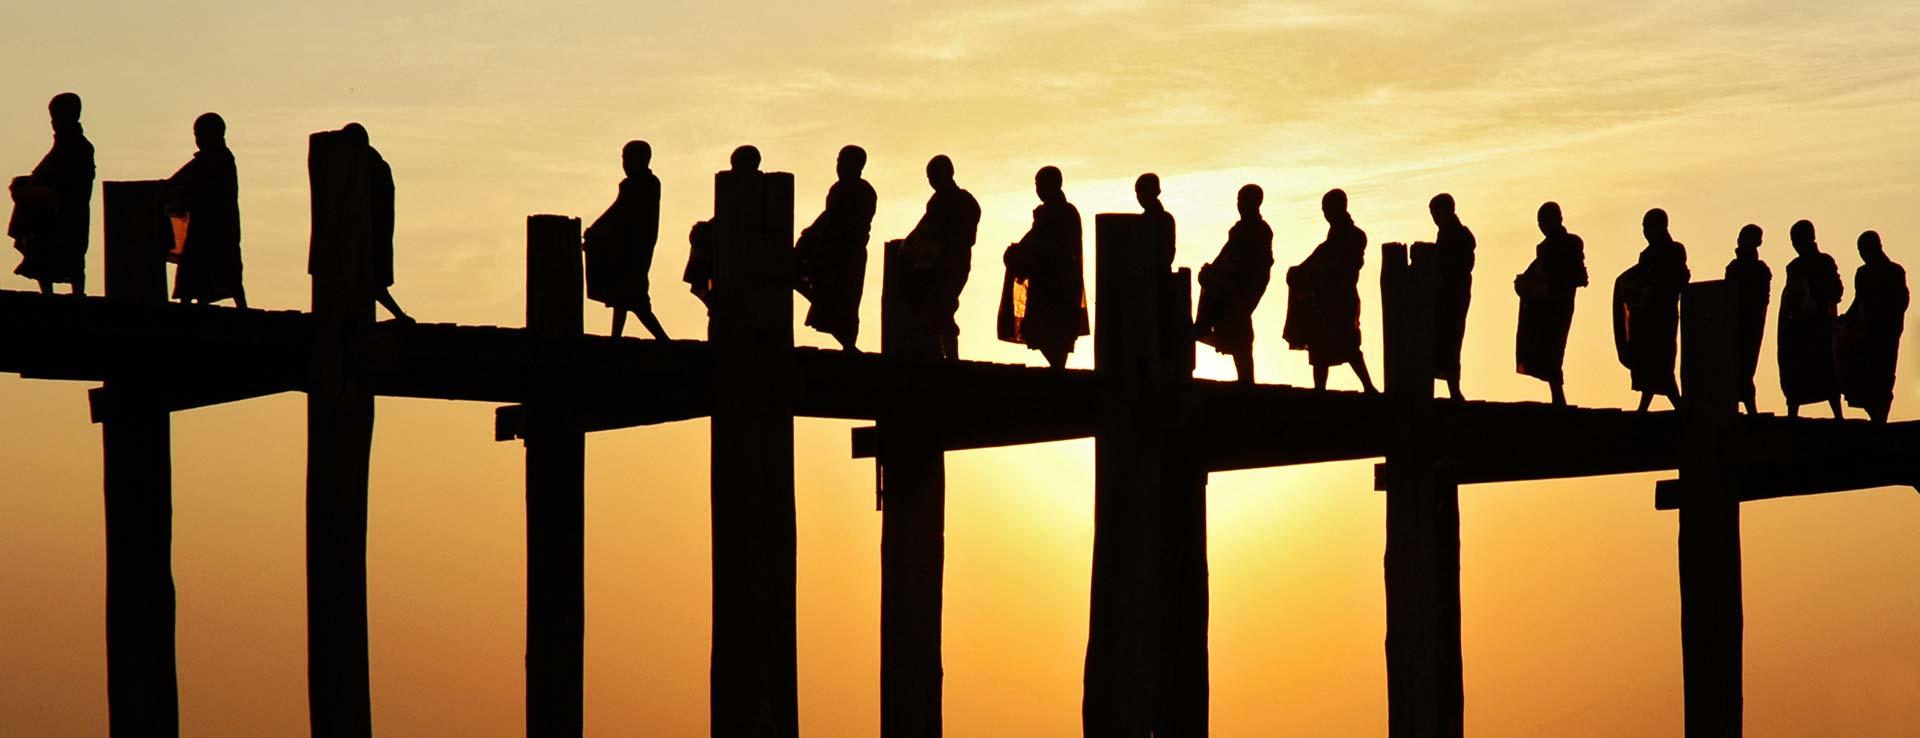 Des moines défilent sur le pont U Bein au coucher du soleil, Birmanie